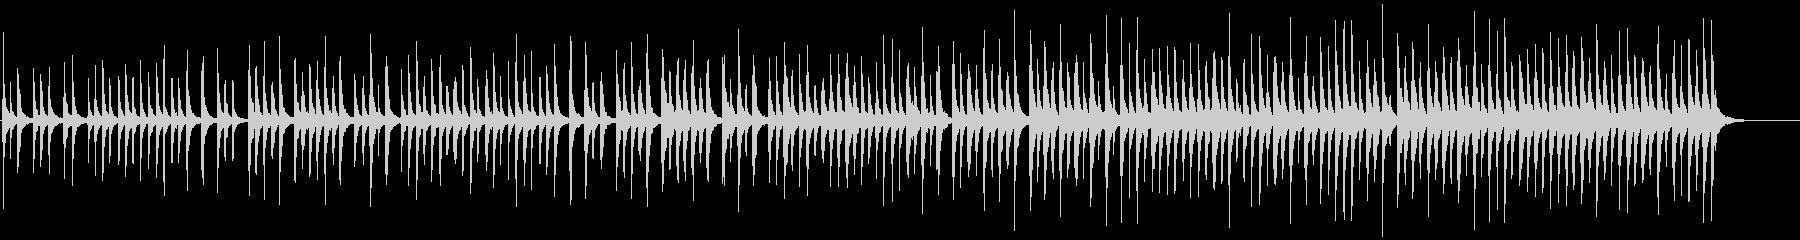 大人数のハンドクラッピングアンサンブルの未再生の波形